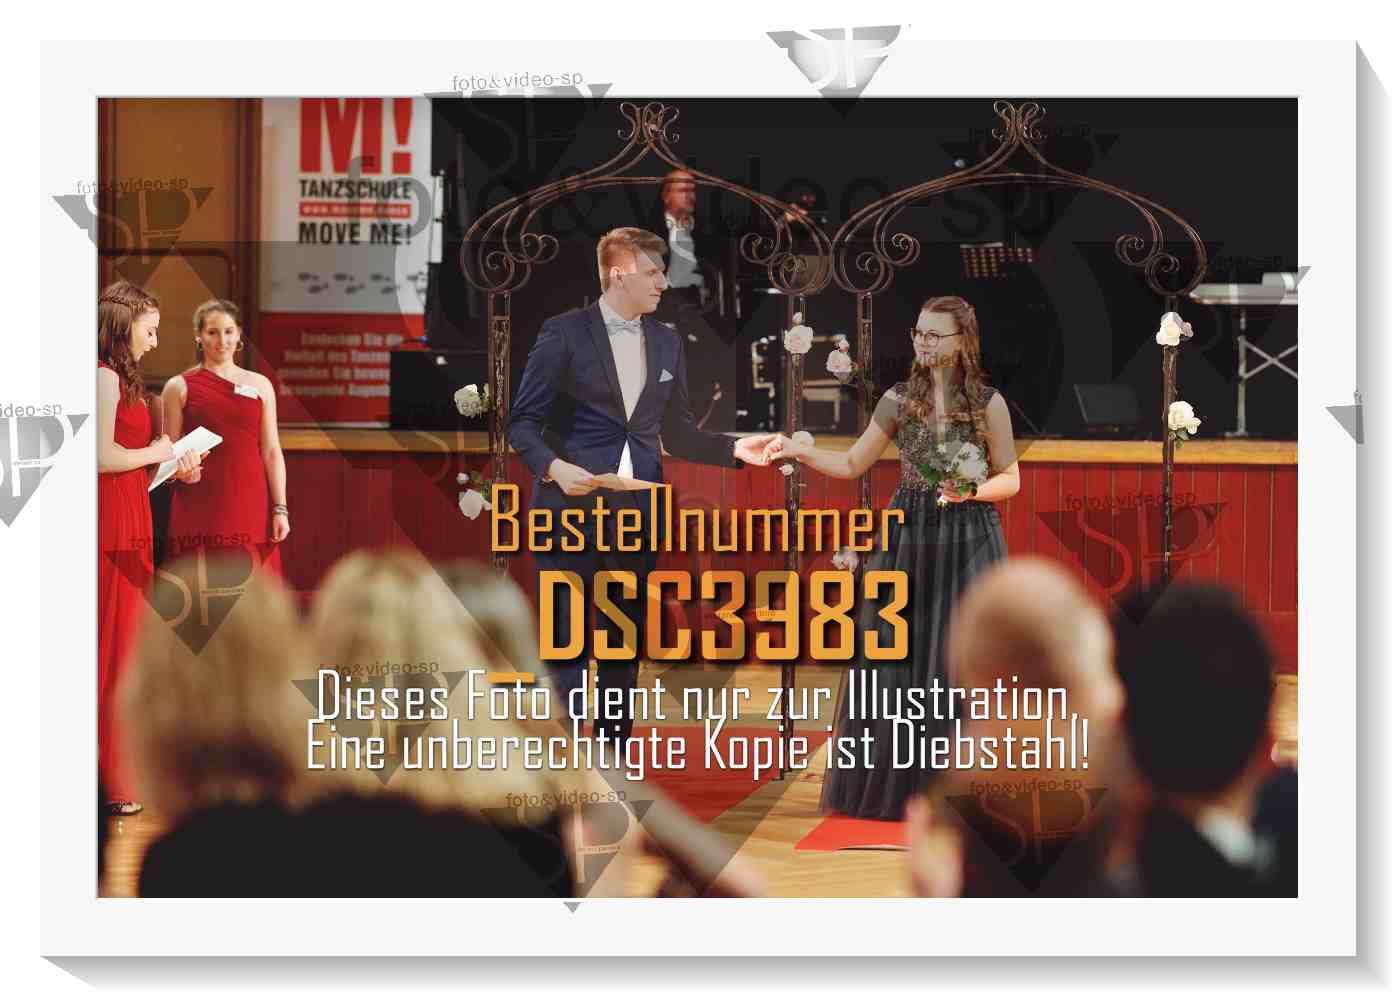 DSC3983